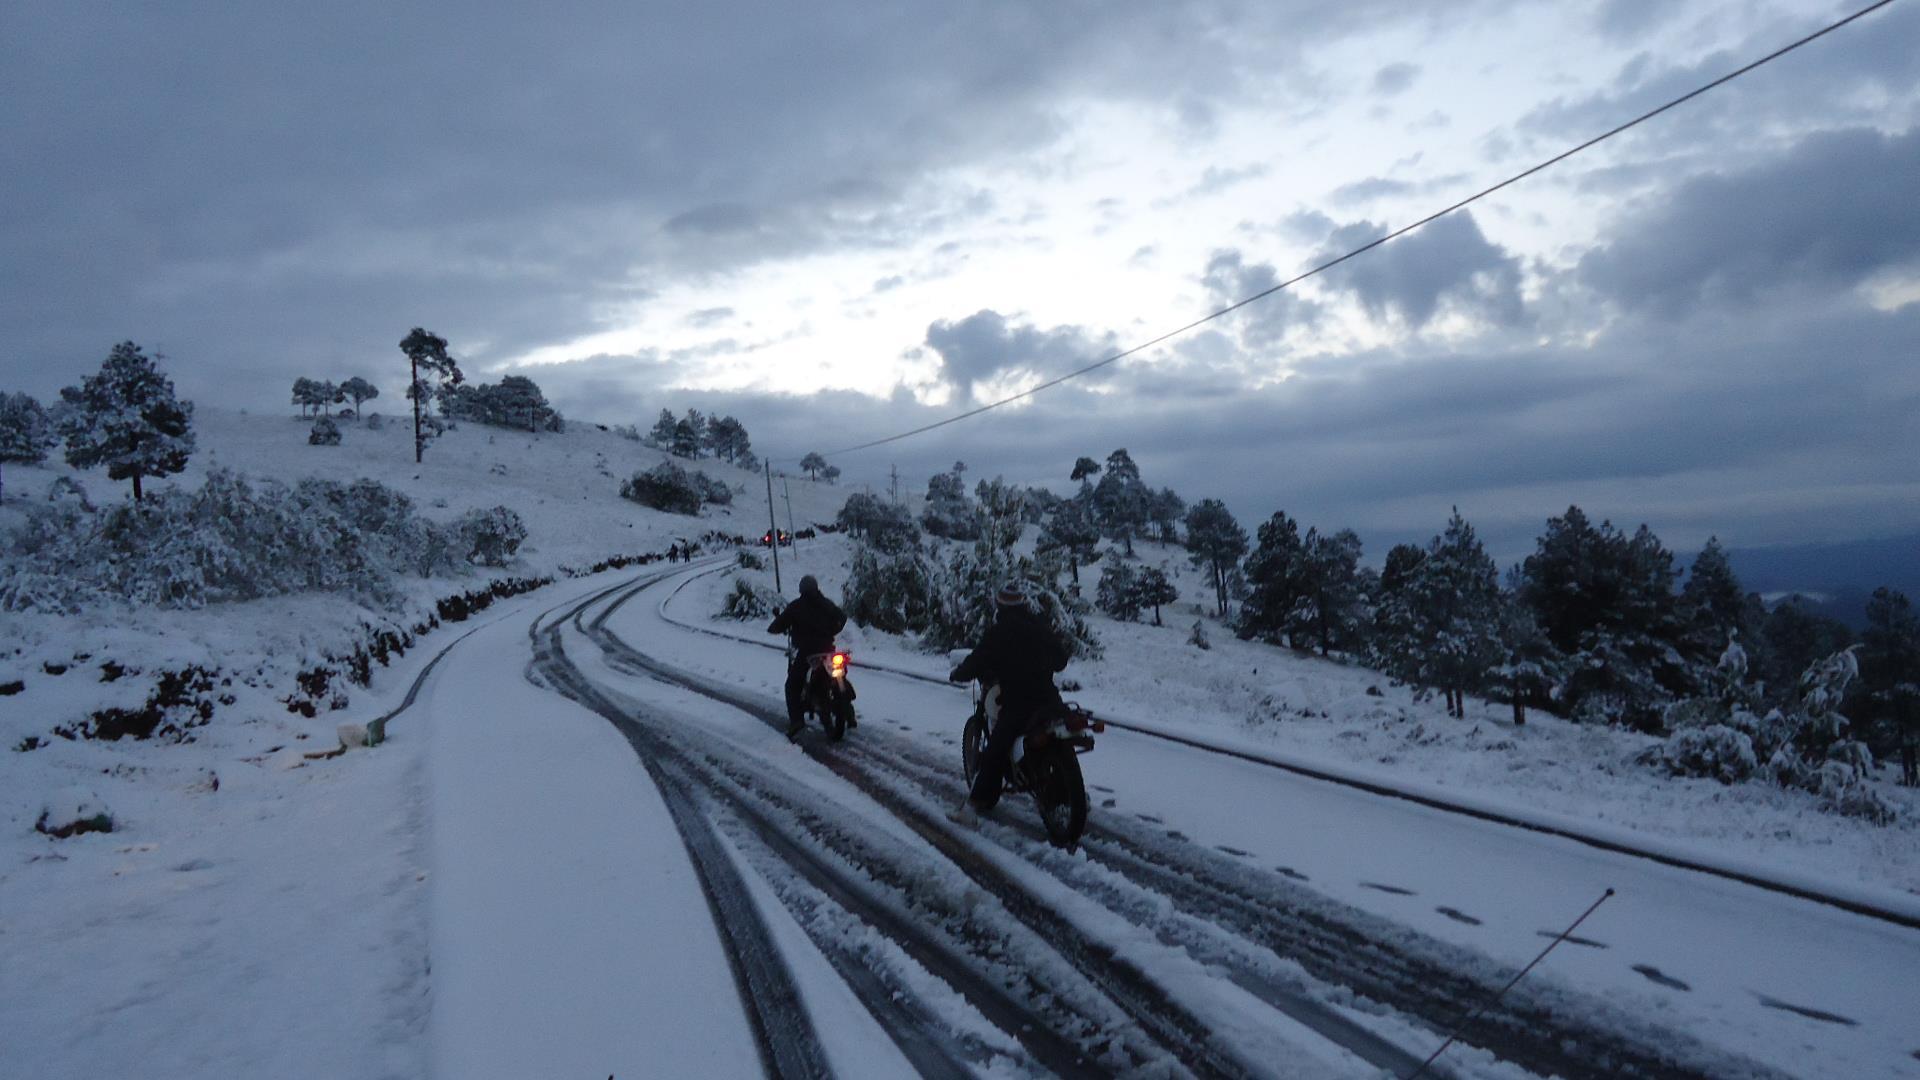 Galer a fotos de la nieve en san marcos guatemala enero 25 2013 solo lo mejor de guatemala - Lino 5 metre de large ...